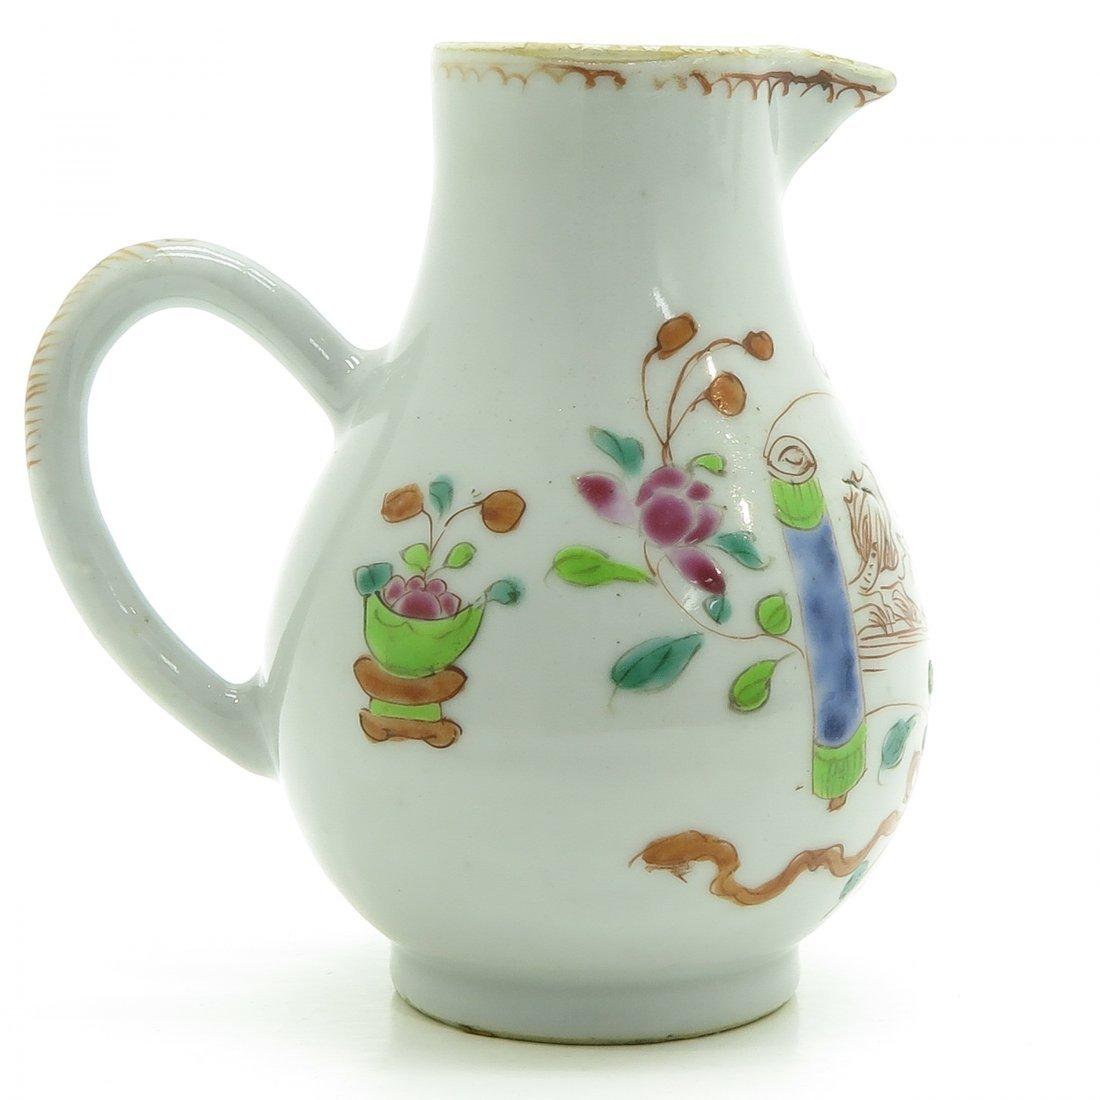 China Porcelain Pitcher Circa 1800 - 3